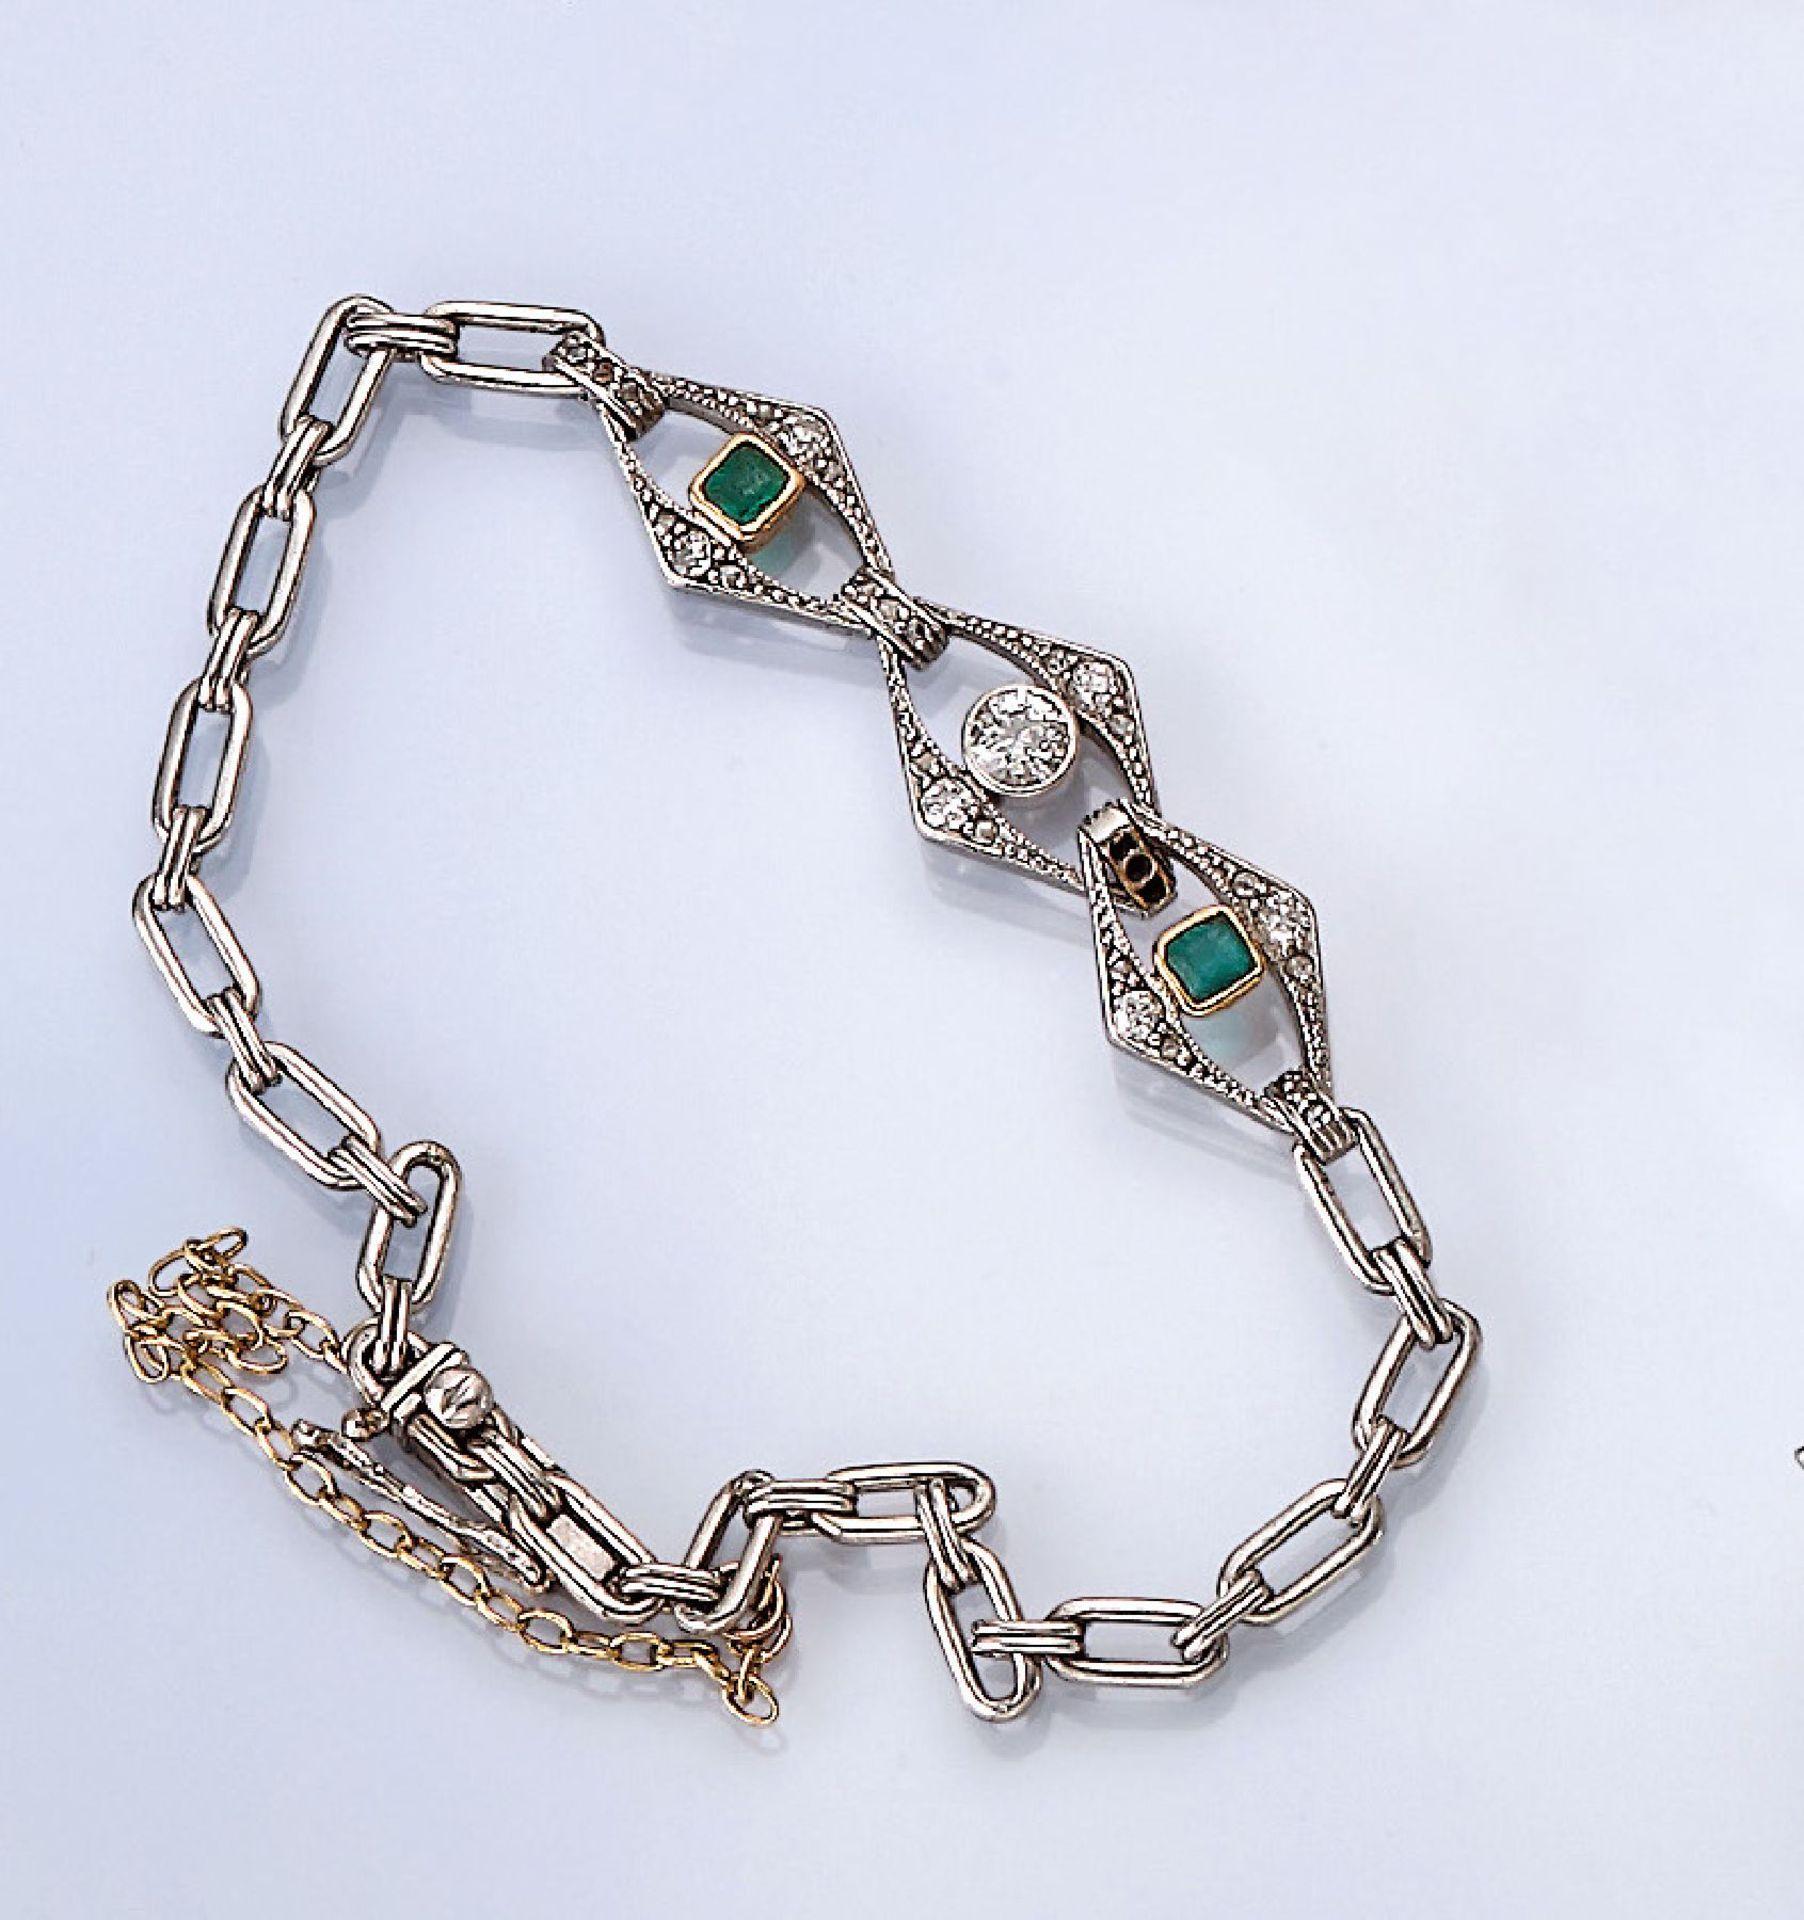 Platin Art-Deco-Armband mit Diamanten und Smaragden, Platin und GG 750/000, 2 rechteckig facett.